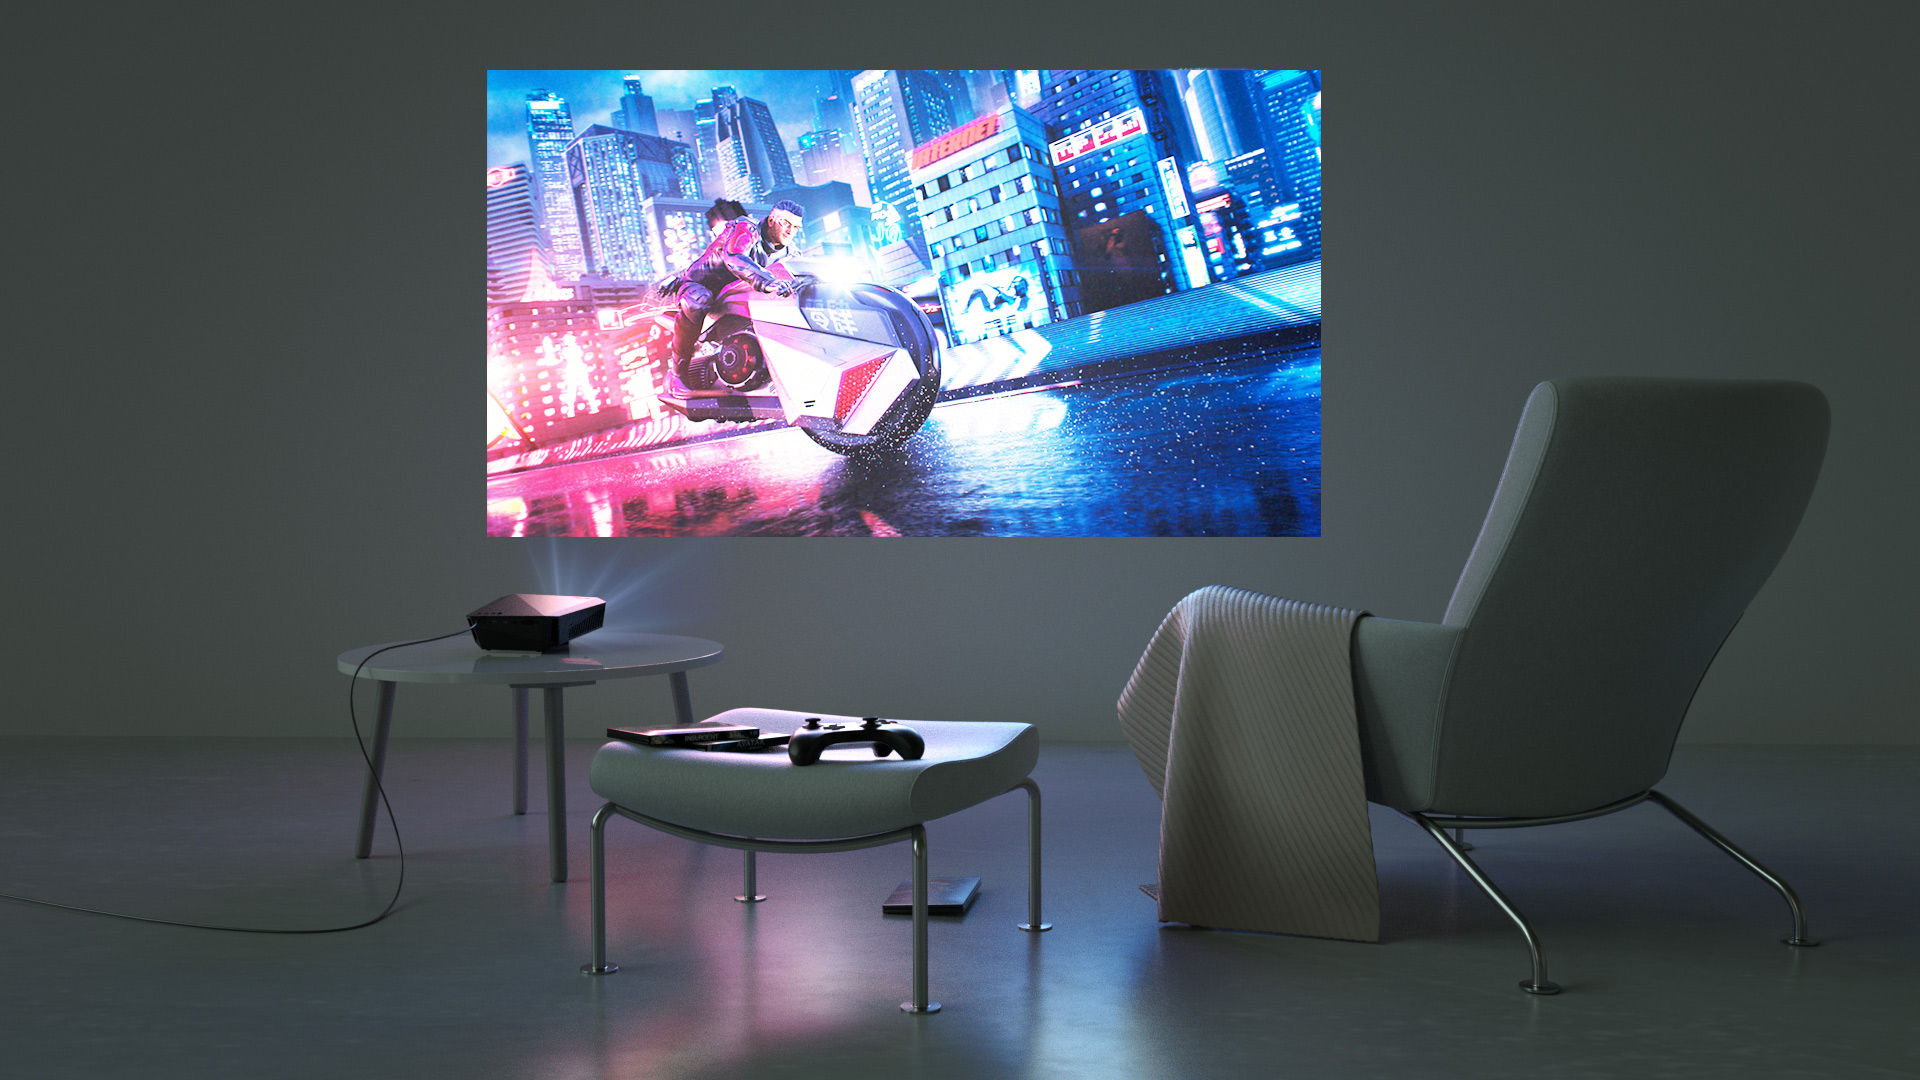 Asus F1: il proiettore Full HD dalle performance eccezionali thumbnail